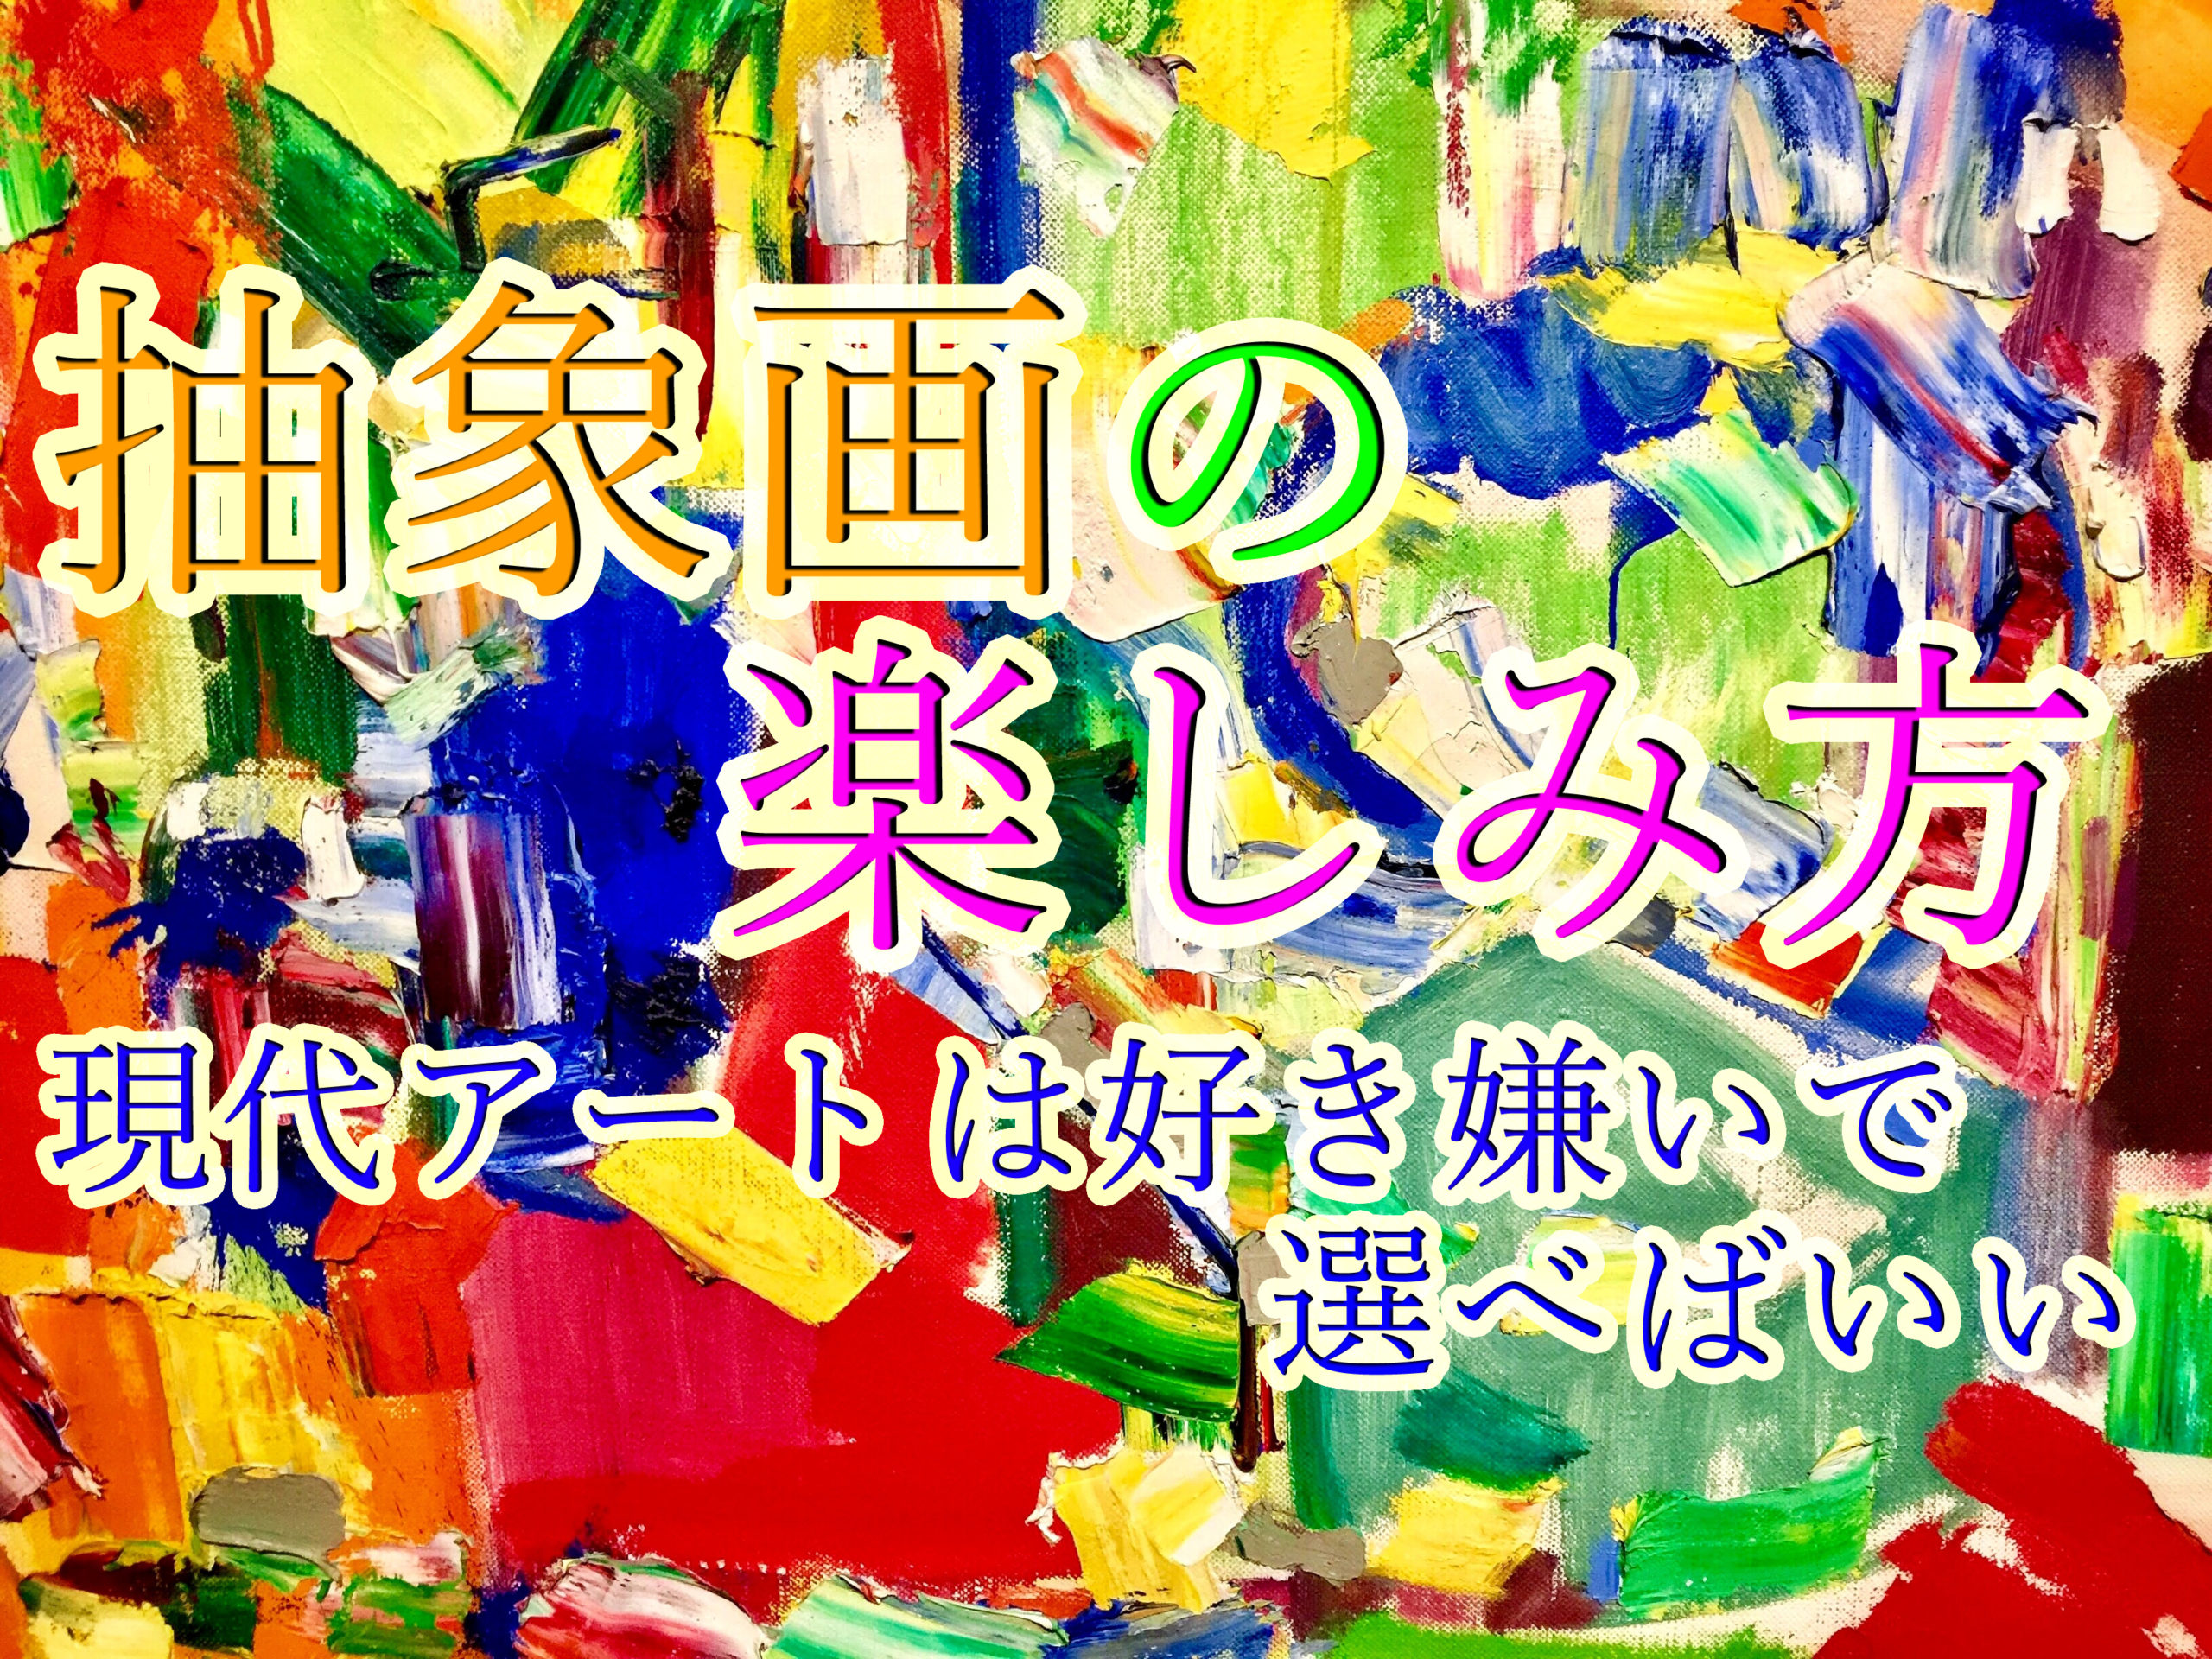 抽象画の楽しみ方【現代アートは好き嫌いで選べばいい】